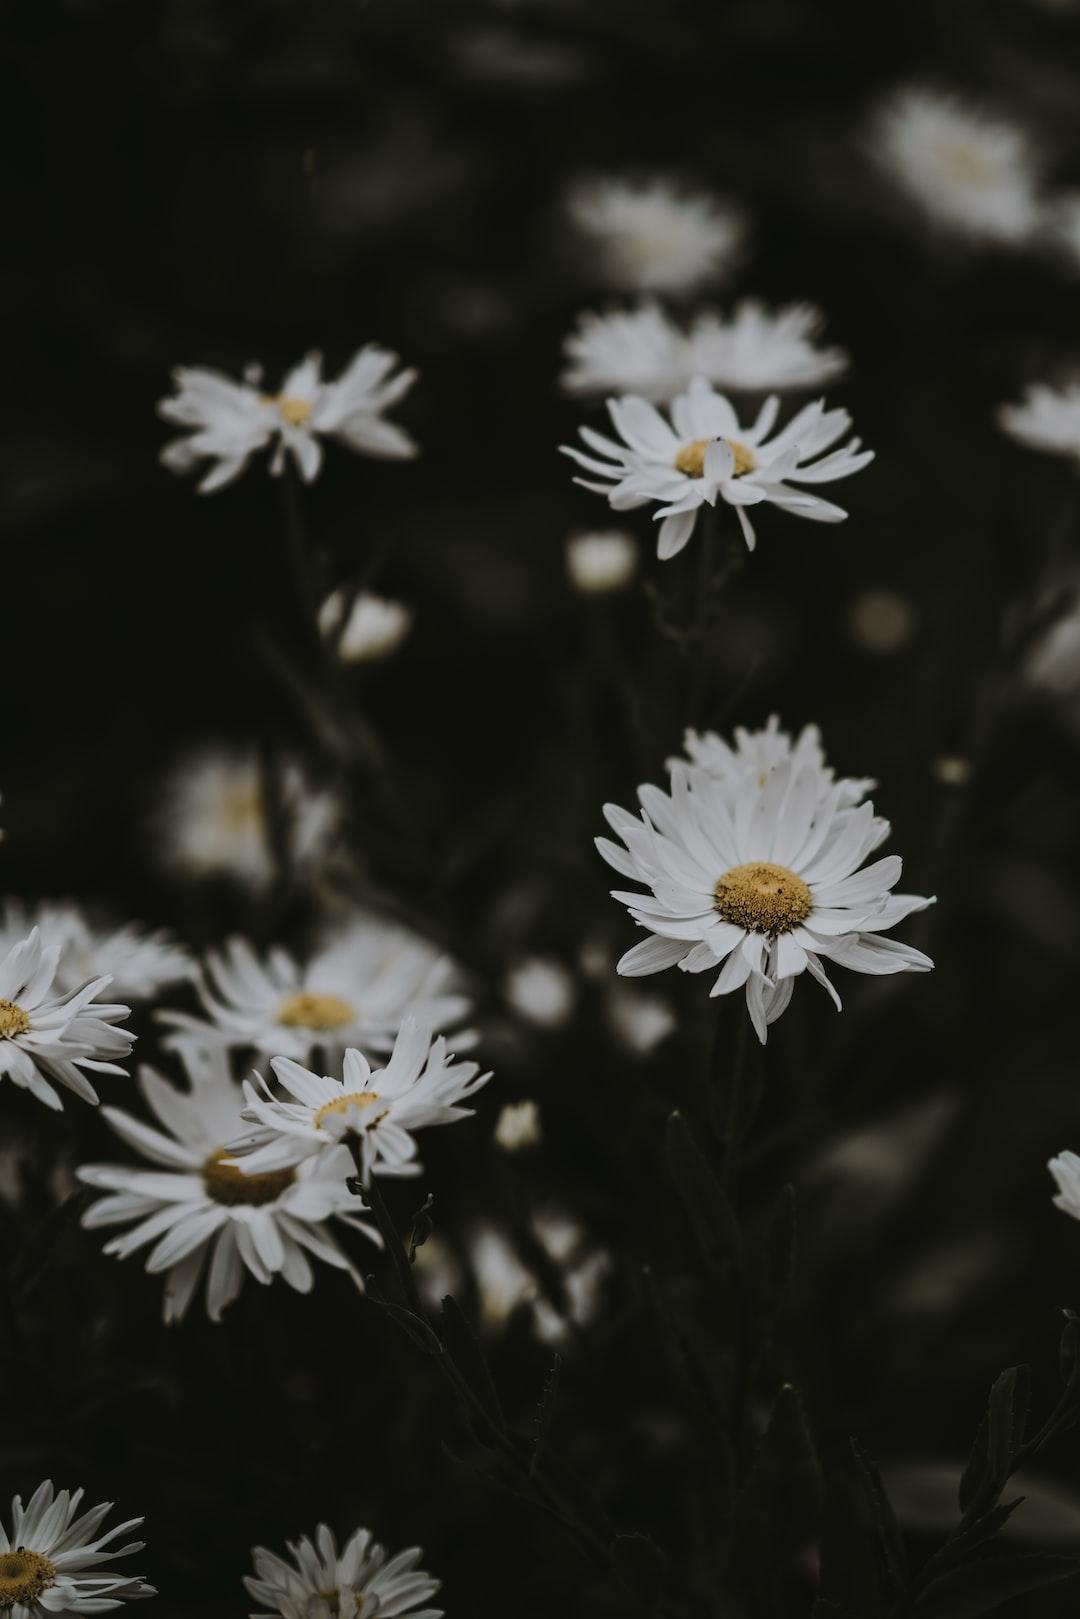 3960. Virágok